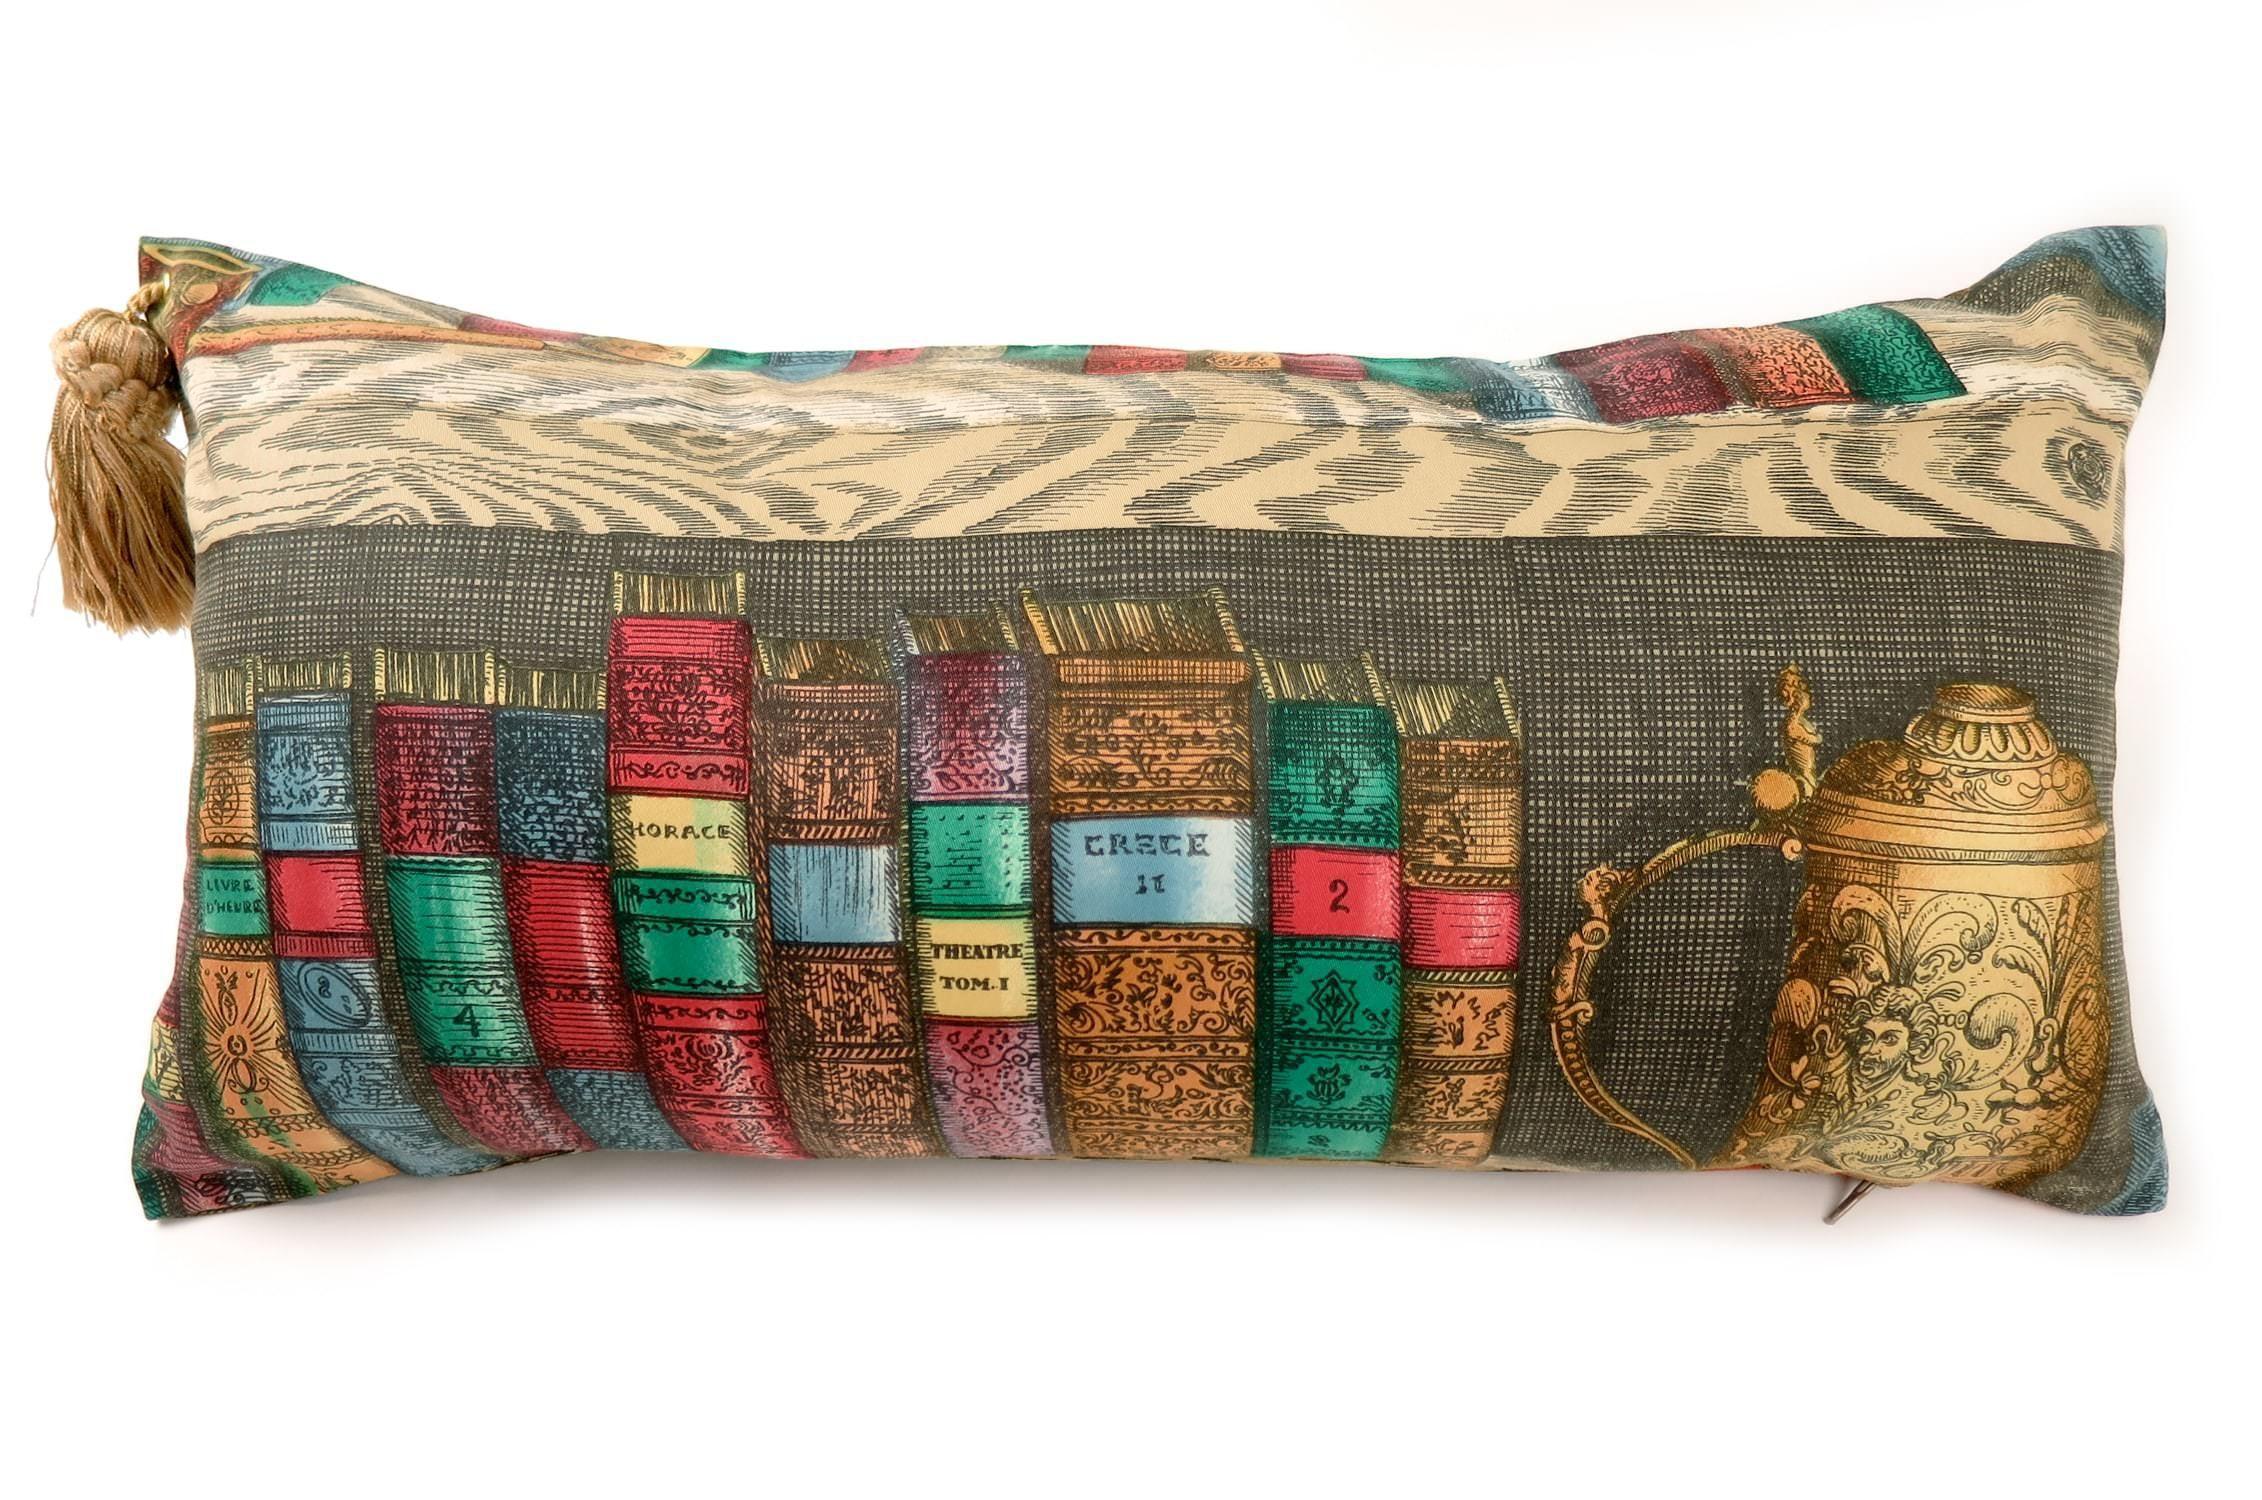 ピエロフォルナセッティヴィンテージクッション Piero Fornasetti 書棚 03 #cushion #cushioncover #クッション #クッションカバー #ヴィンテージ #アンティーク #vintage